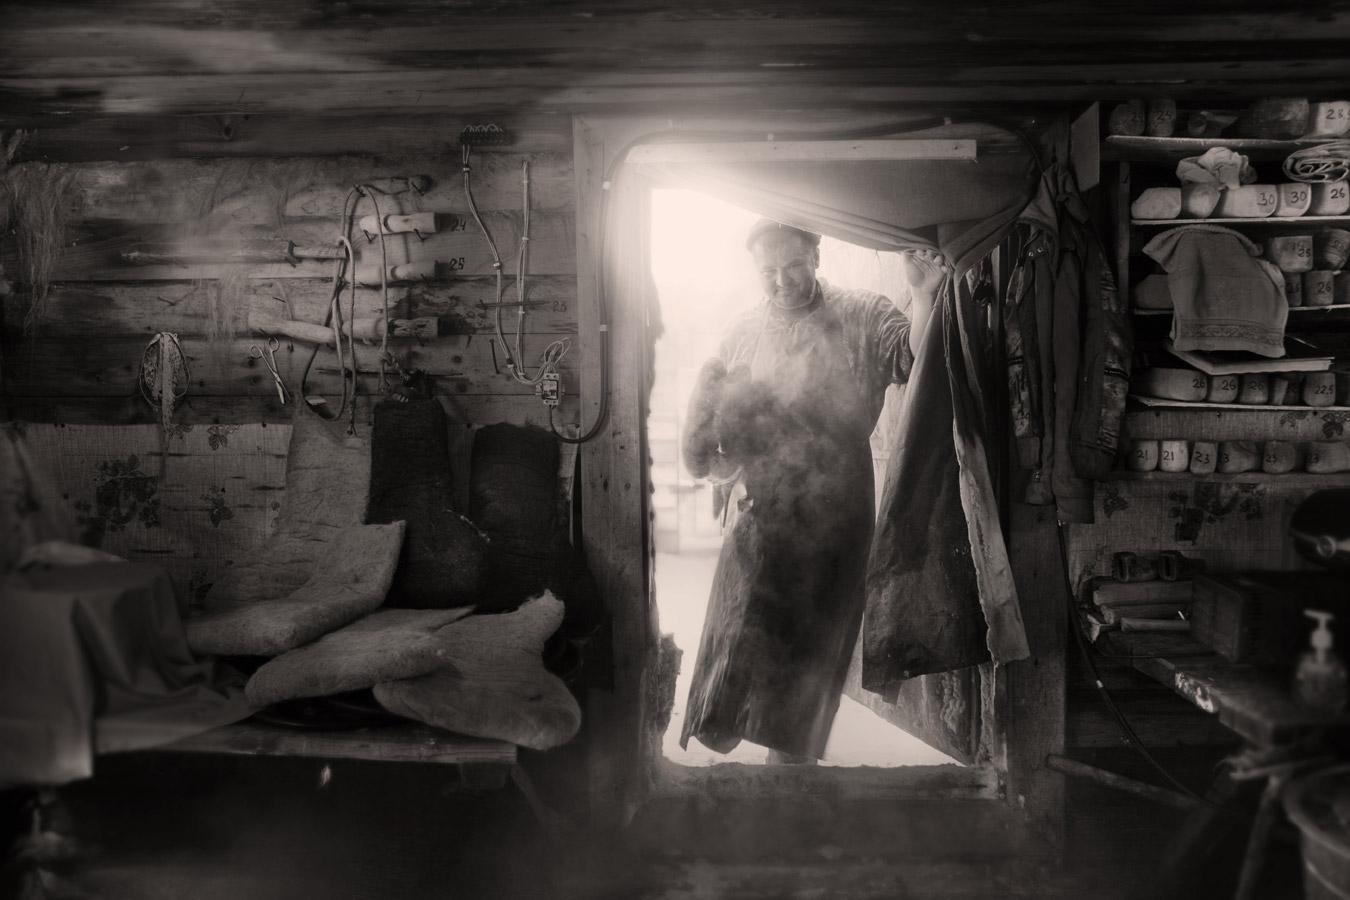 Пимокат Иван, Новосибирская область, © Олег Кугаев, 2 место, Фотоконкурс «Русская цивилизация»